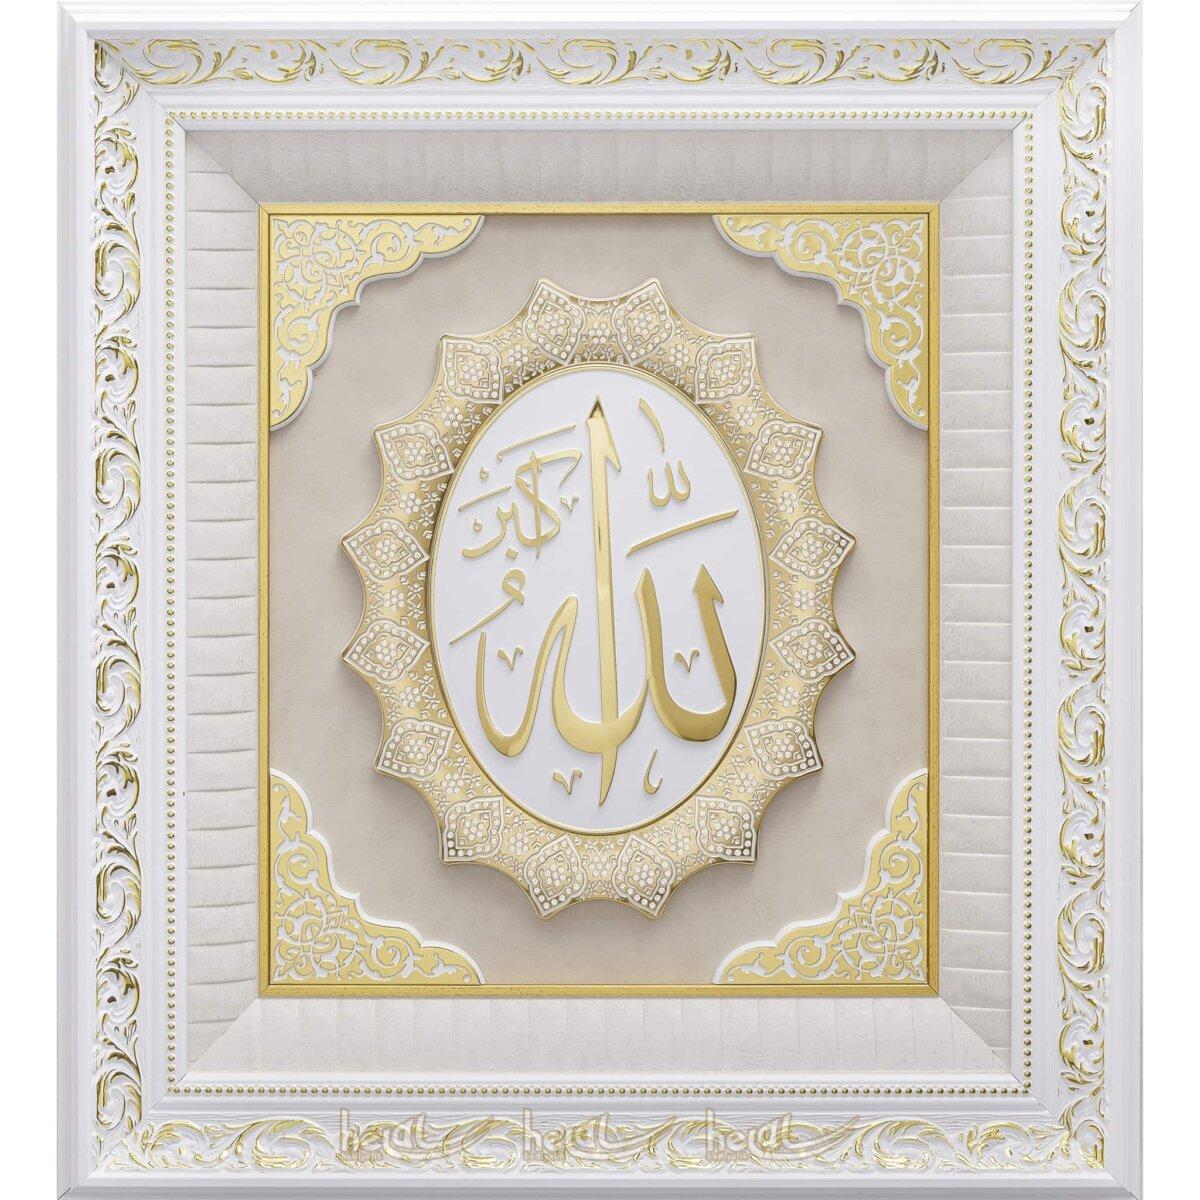 58x64cm İsmi Celil Allah Lafzı Taşlı Küçük Yıldız Modeli Çerçeve Tablo Ayetli Tablolar